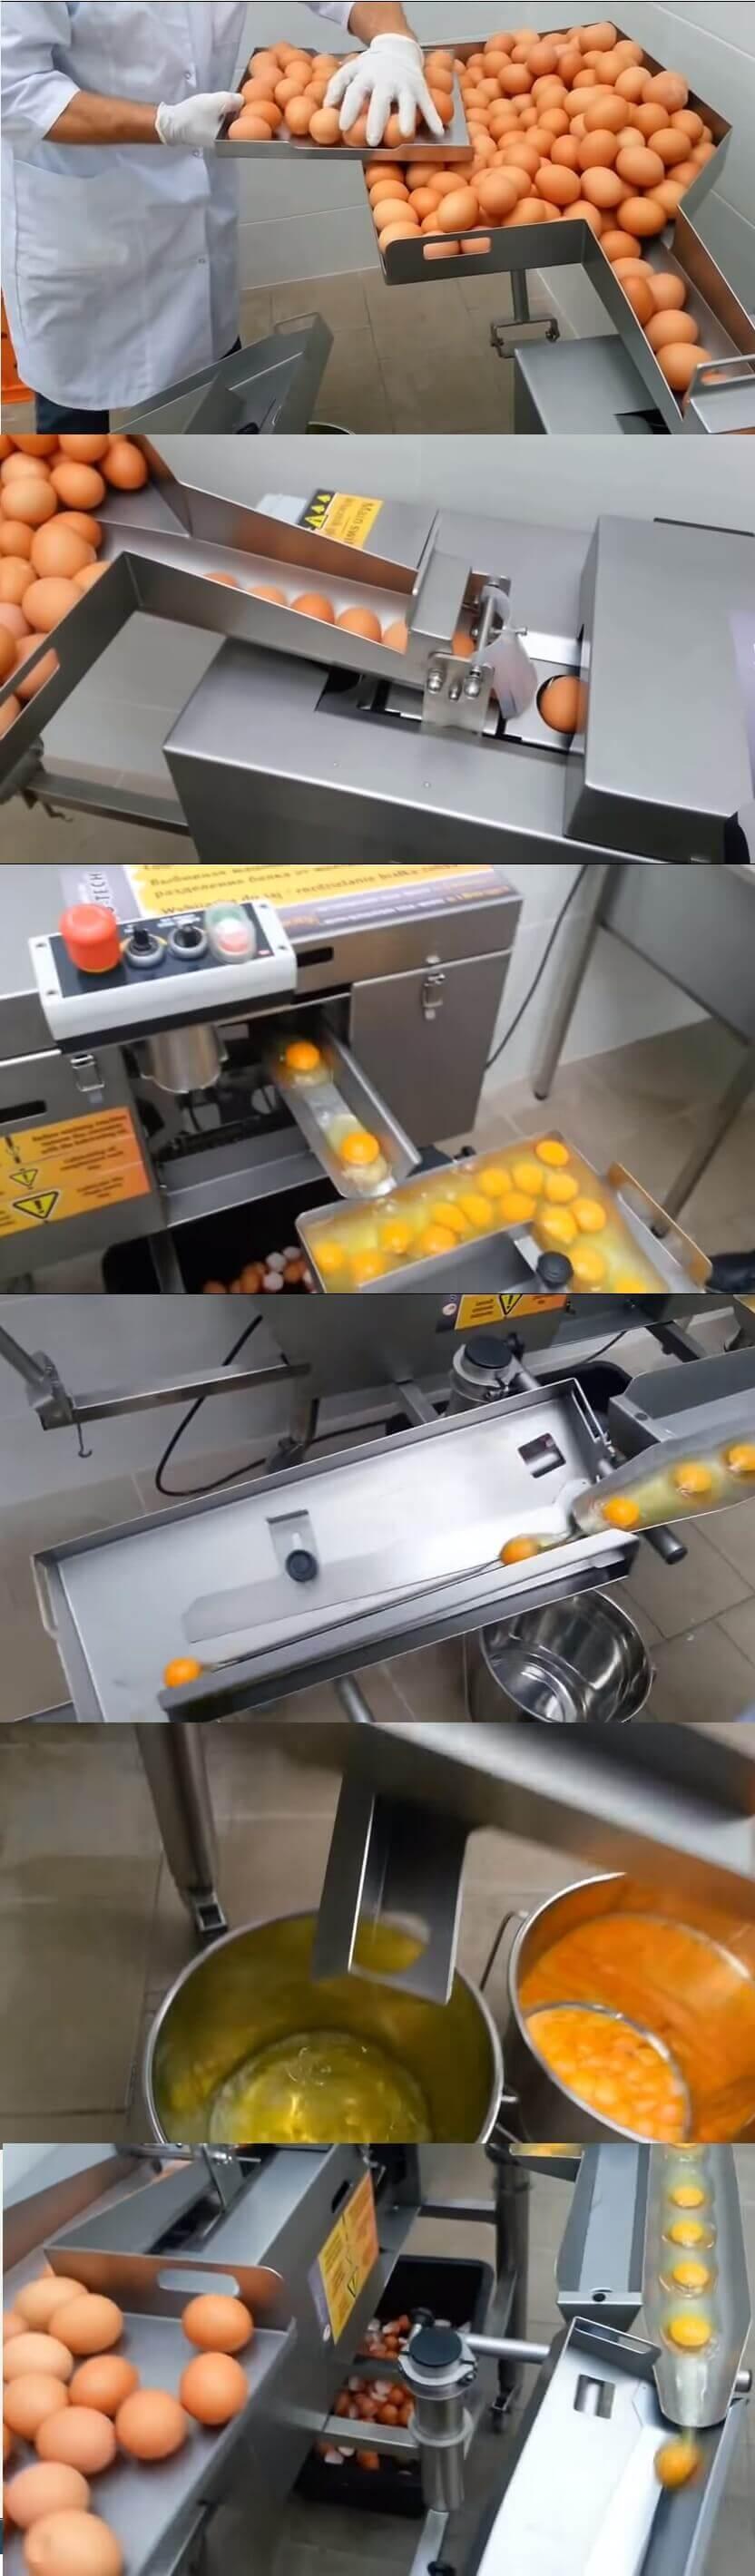 maszyna do oddzielania zoltka od bialka z jajek i skorupki do osobnego pojemnika